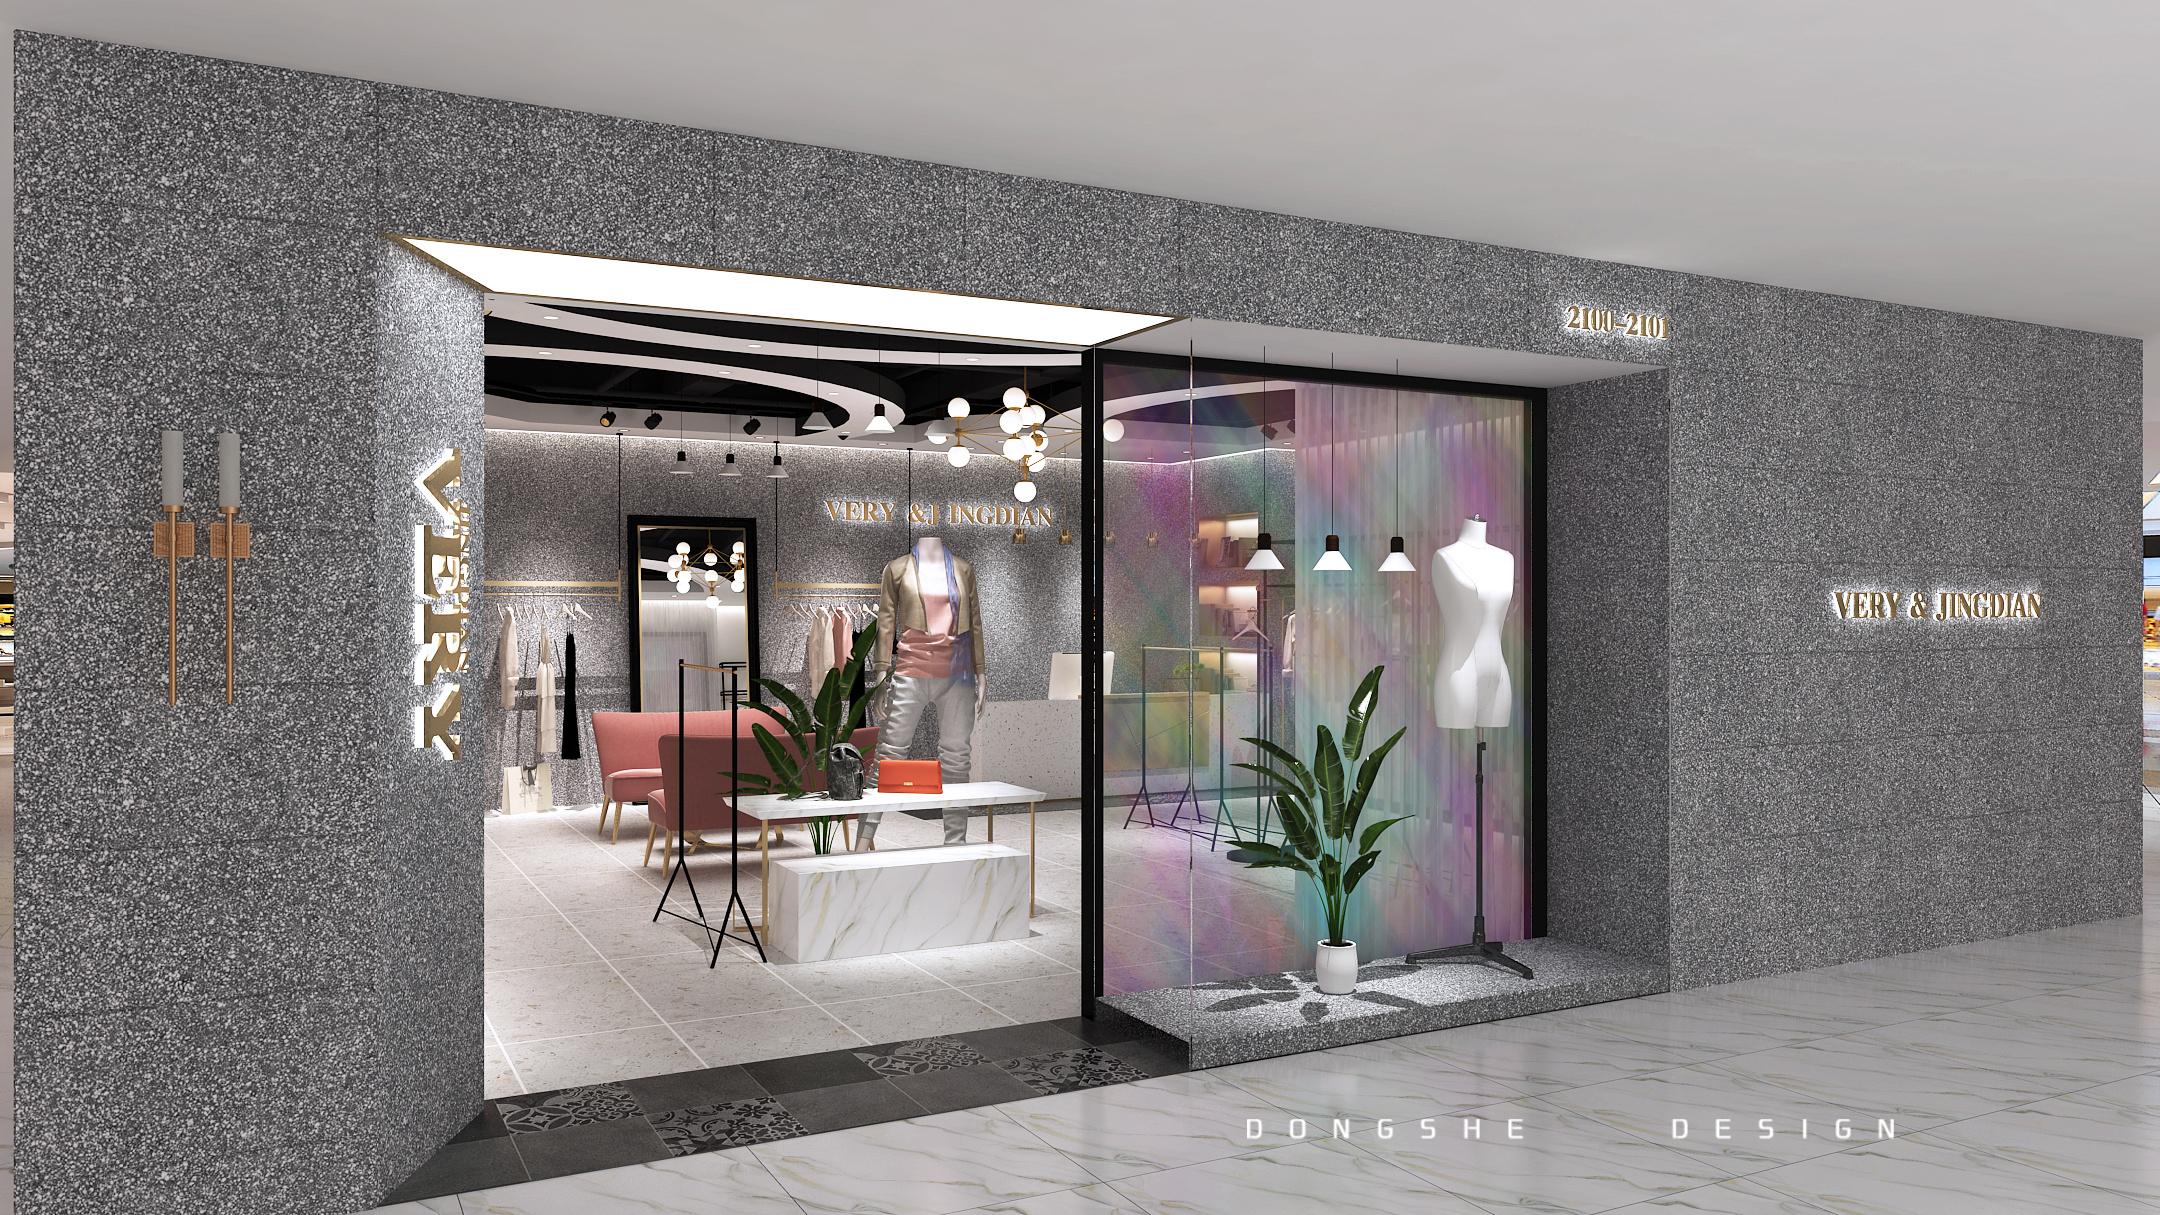 【東舍设计】服装店设计装修设计公装设计效果图制作室内设计